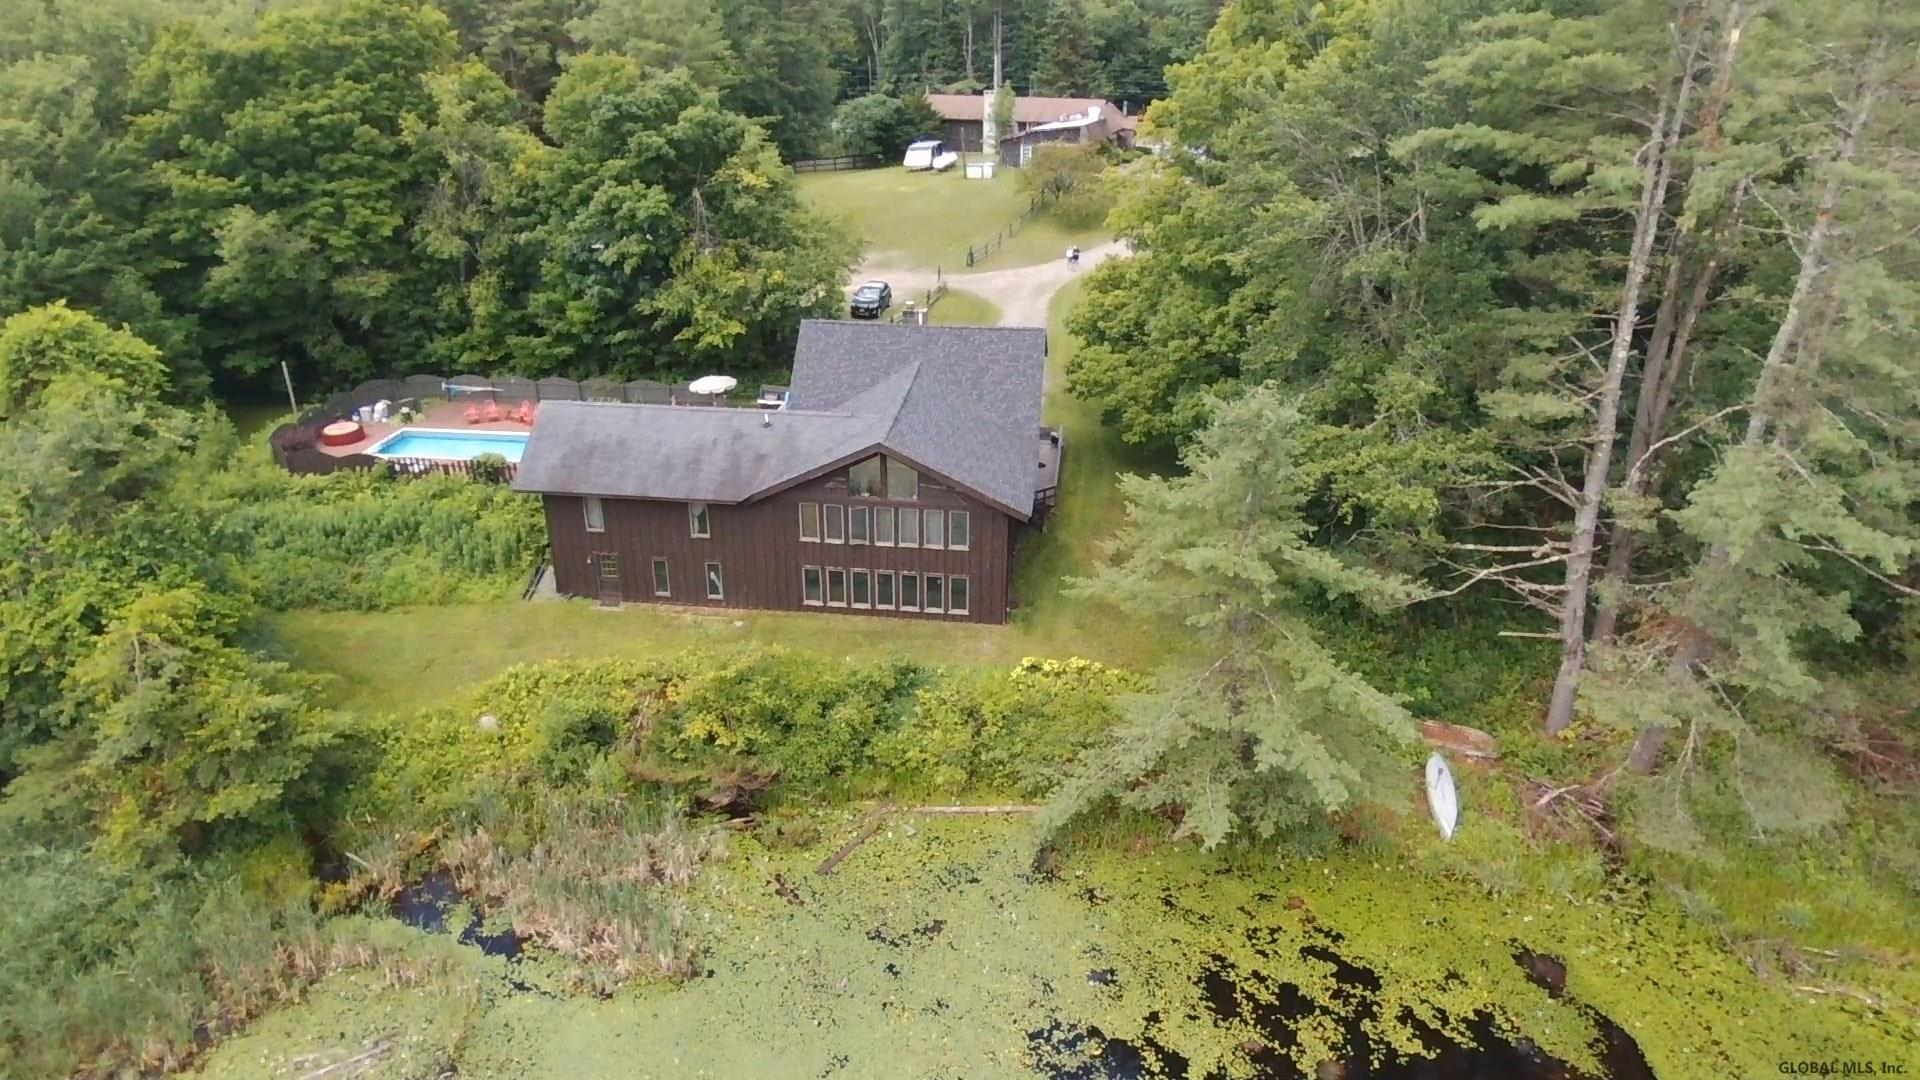 Gloversville image 22